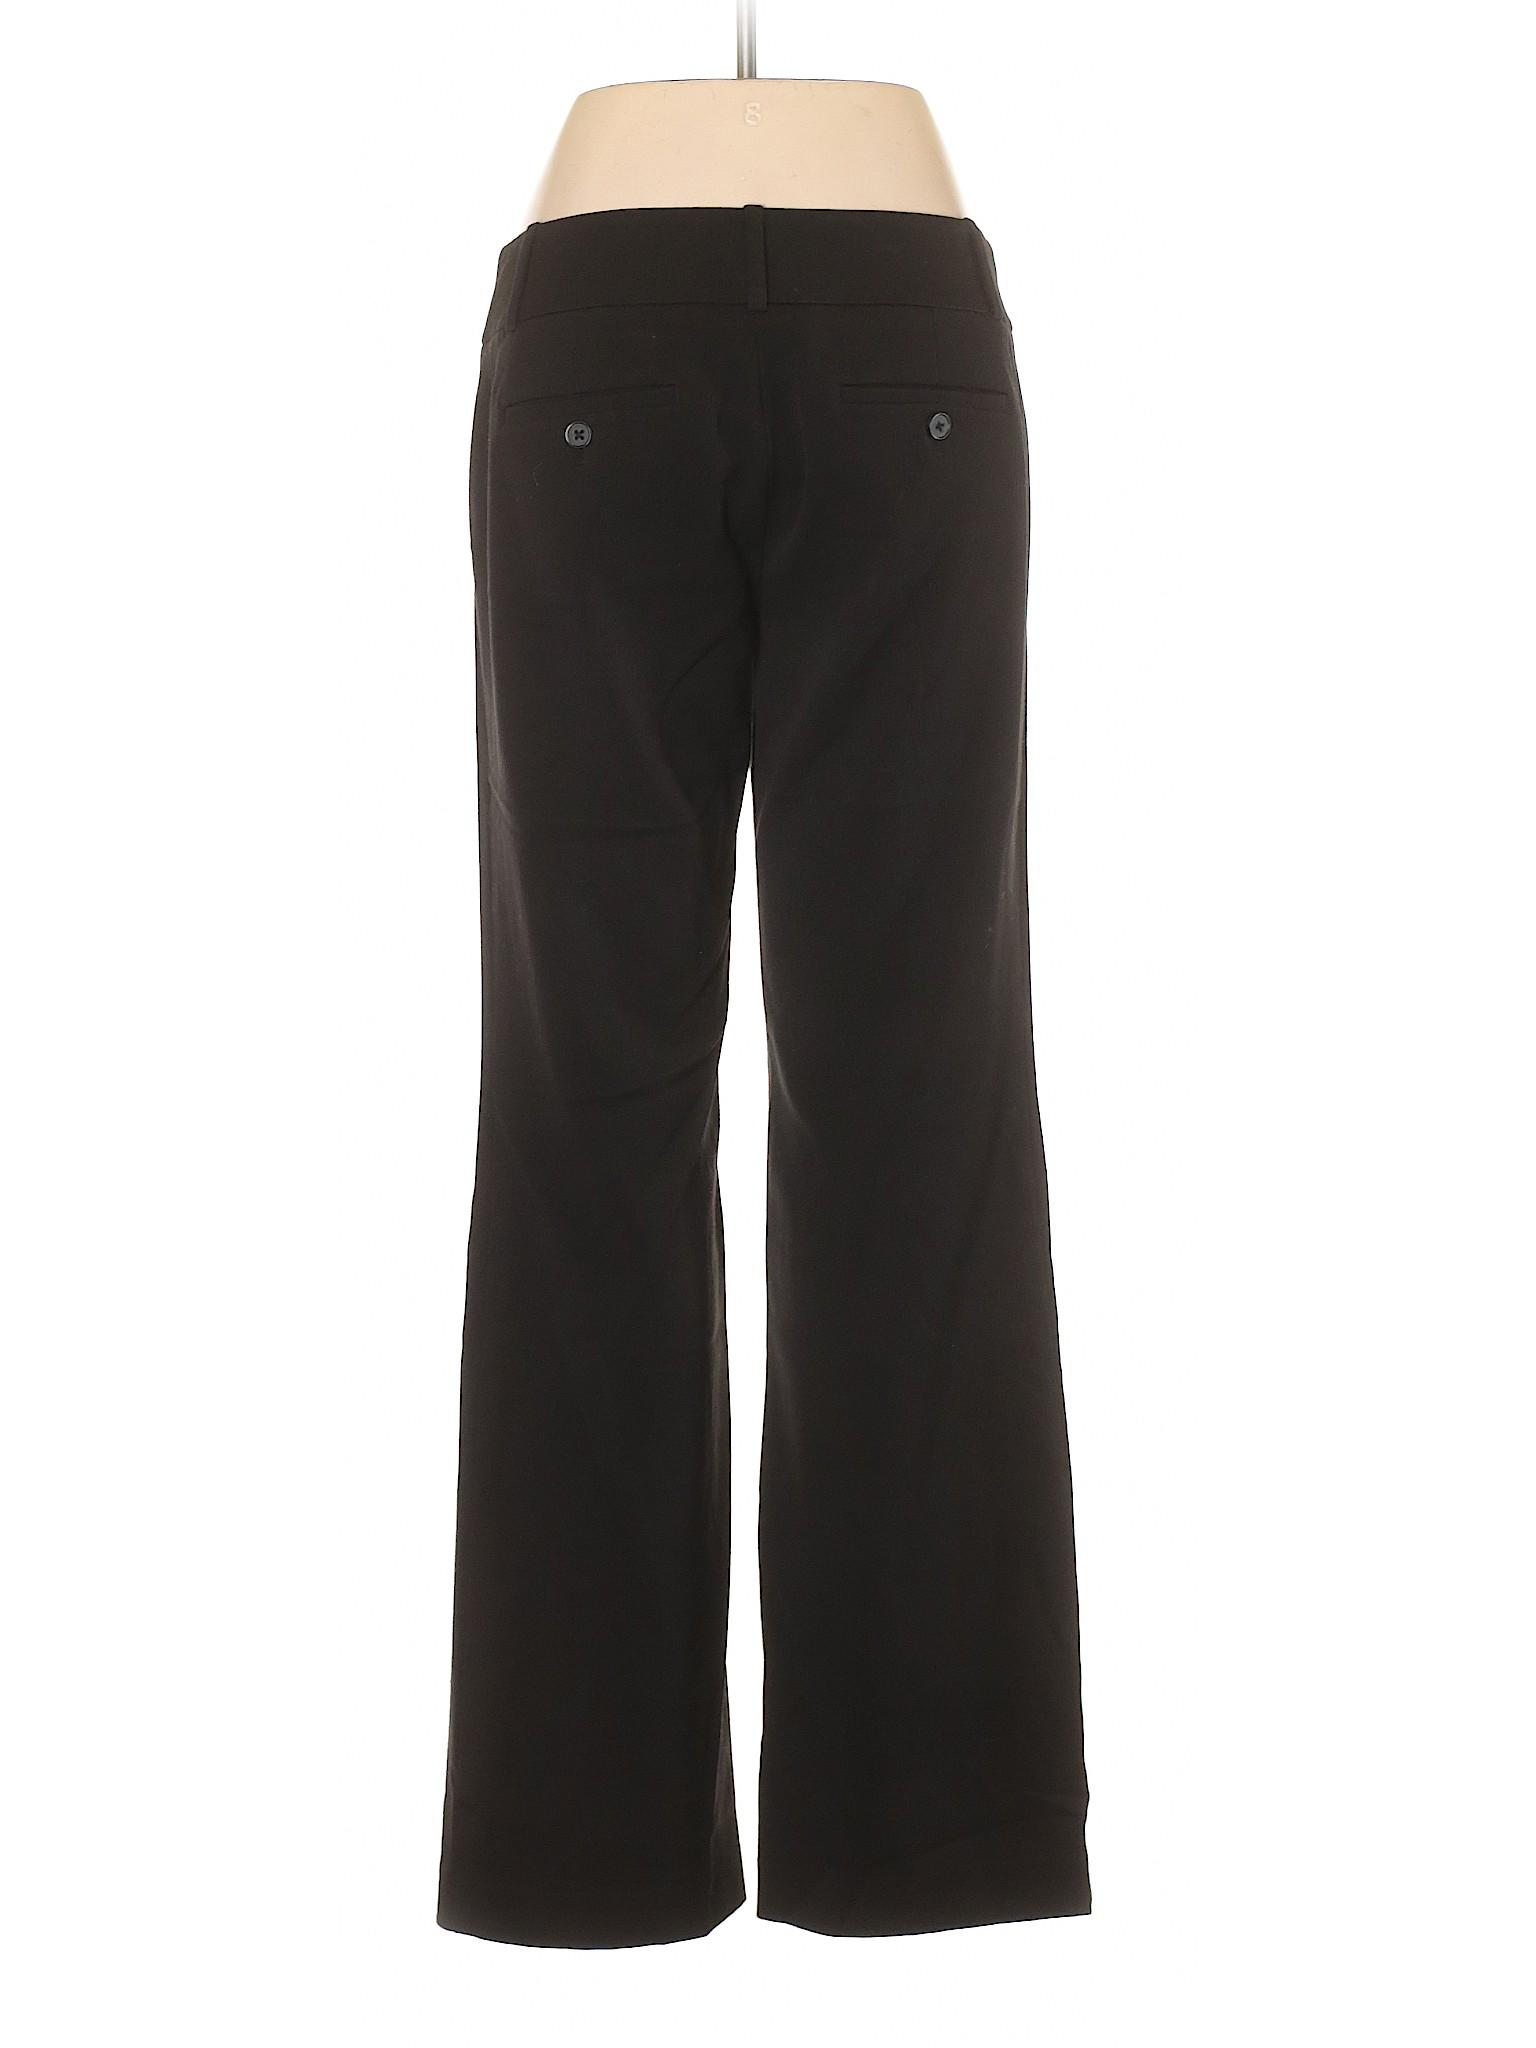 Outlet Leisure Loft Taylor Boutique Ann Dress Pants wUa8a0x